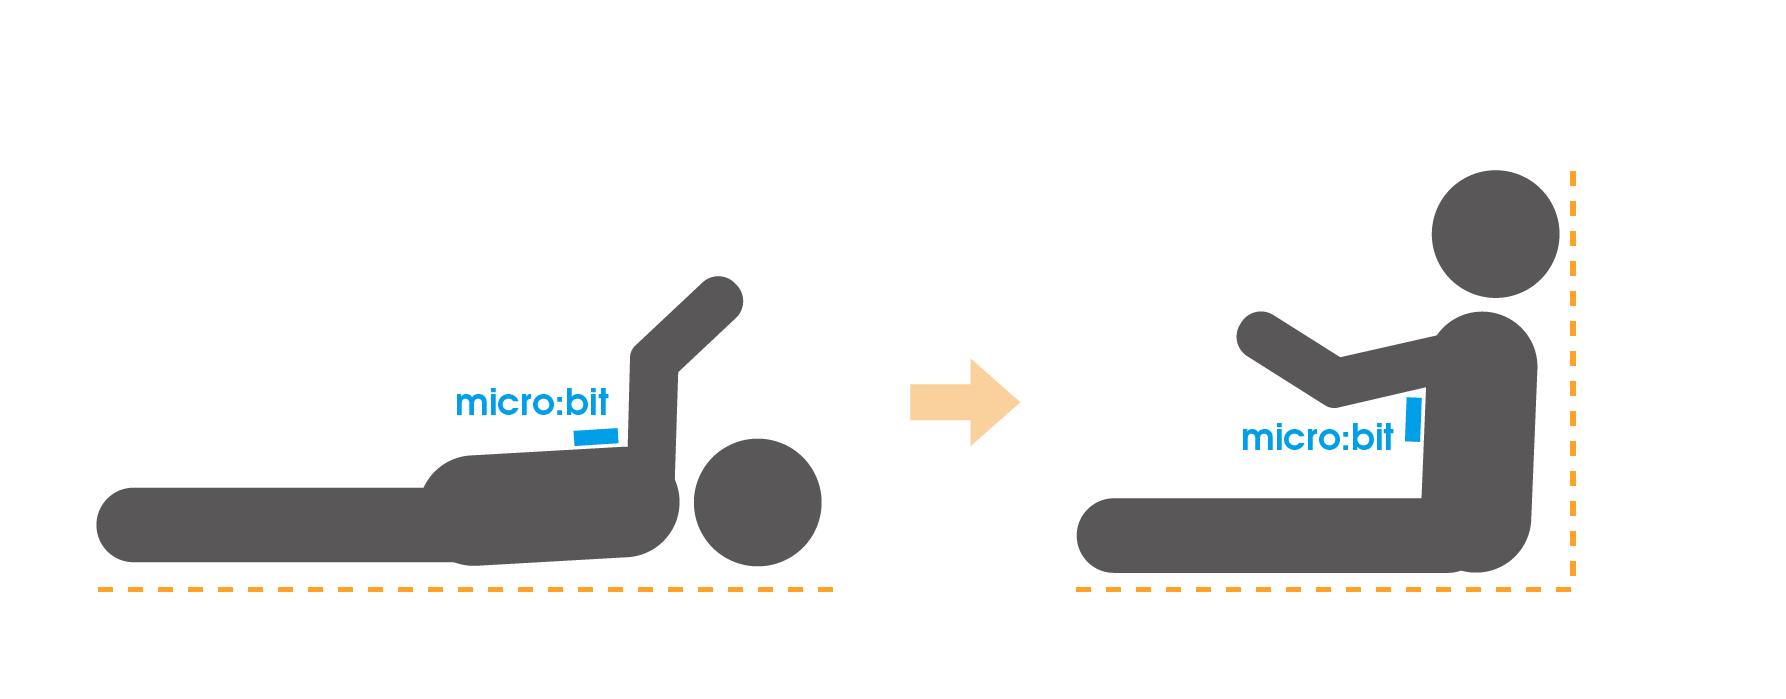 上体に「micro:bit」を装着して傾きを検知する計画